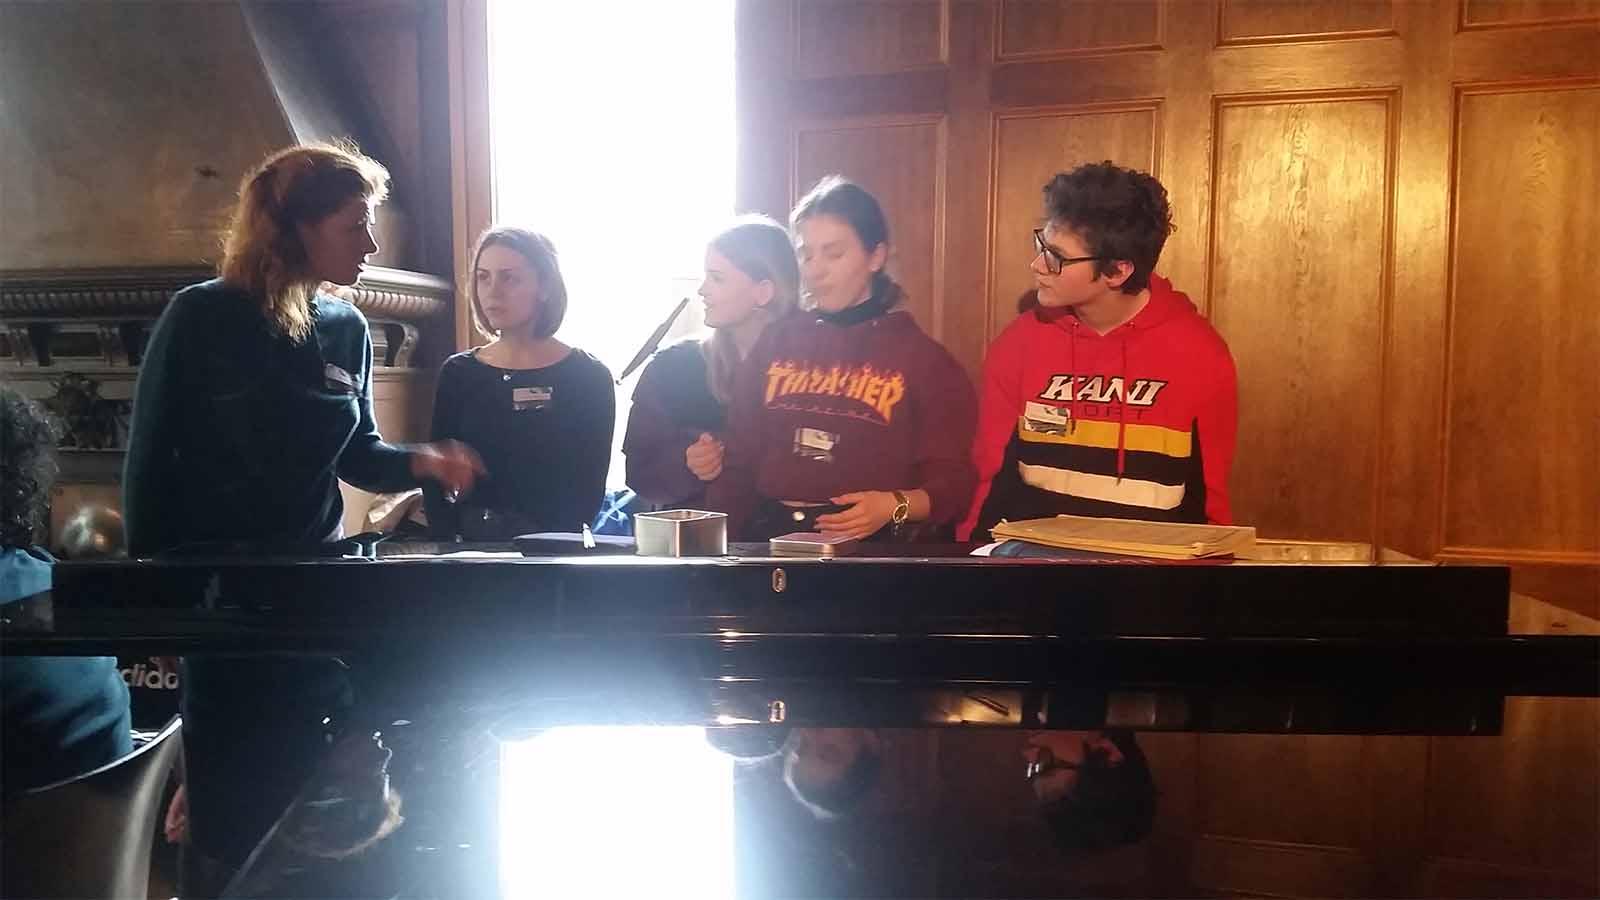 Musikvermittlung Lenka am Piano mit Schülerinnen und Schülern